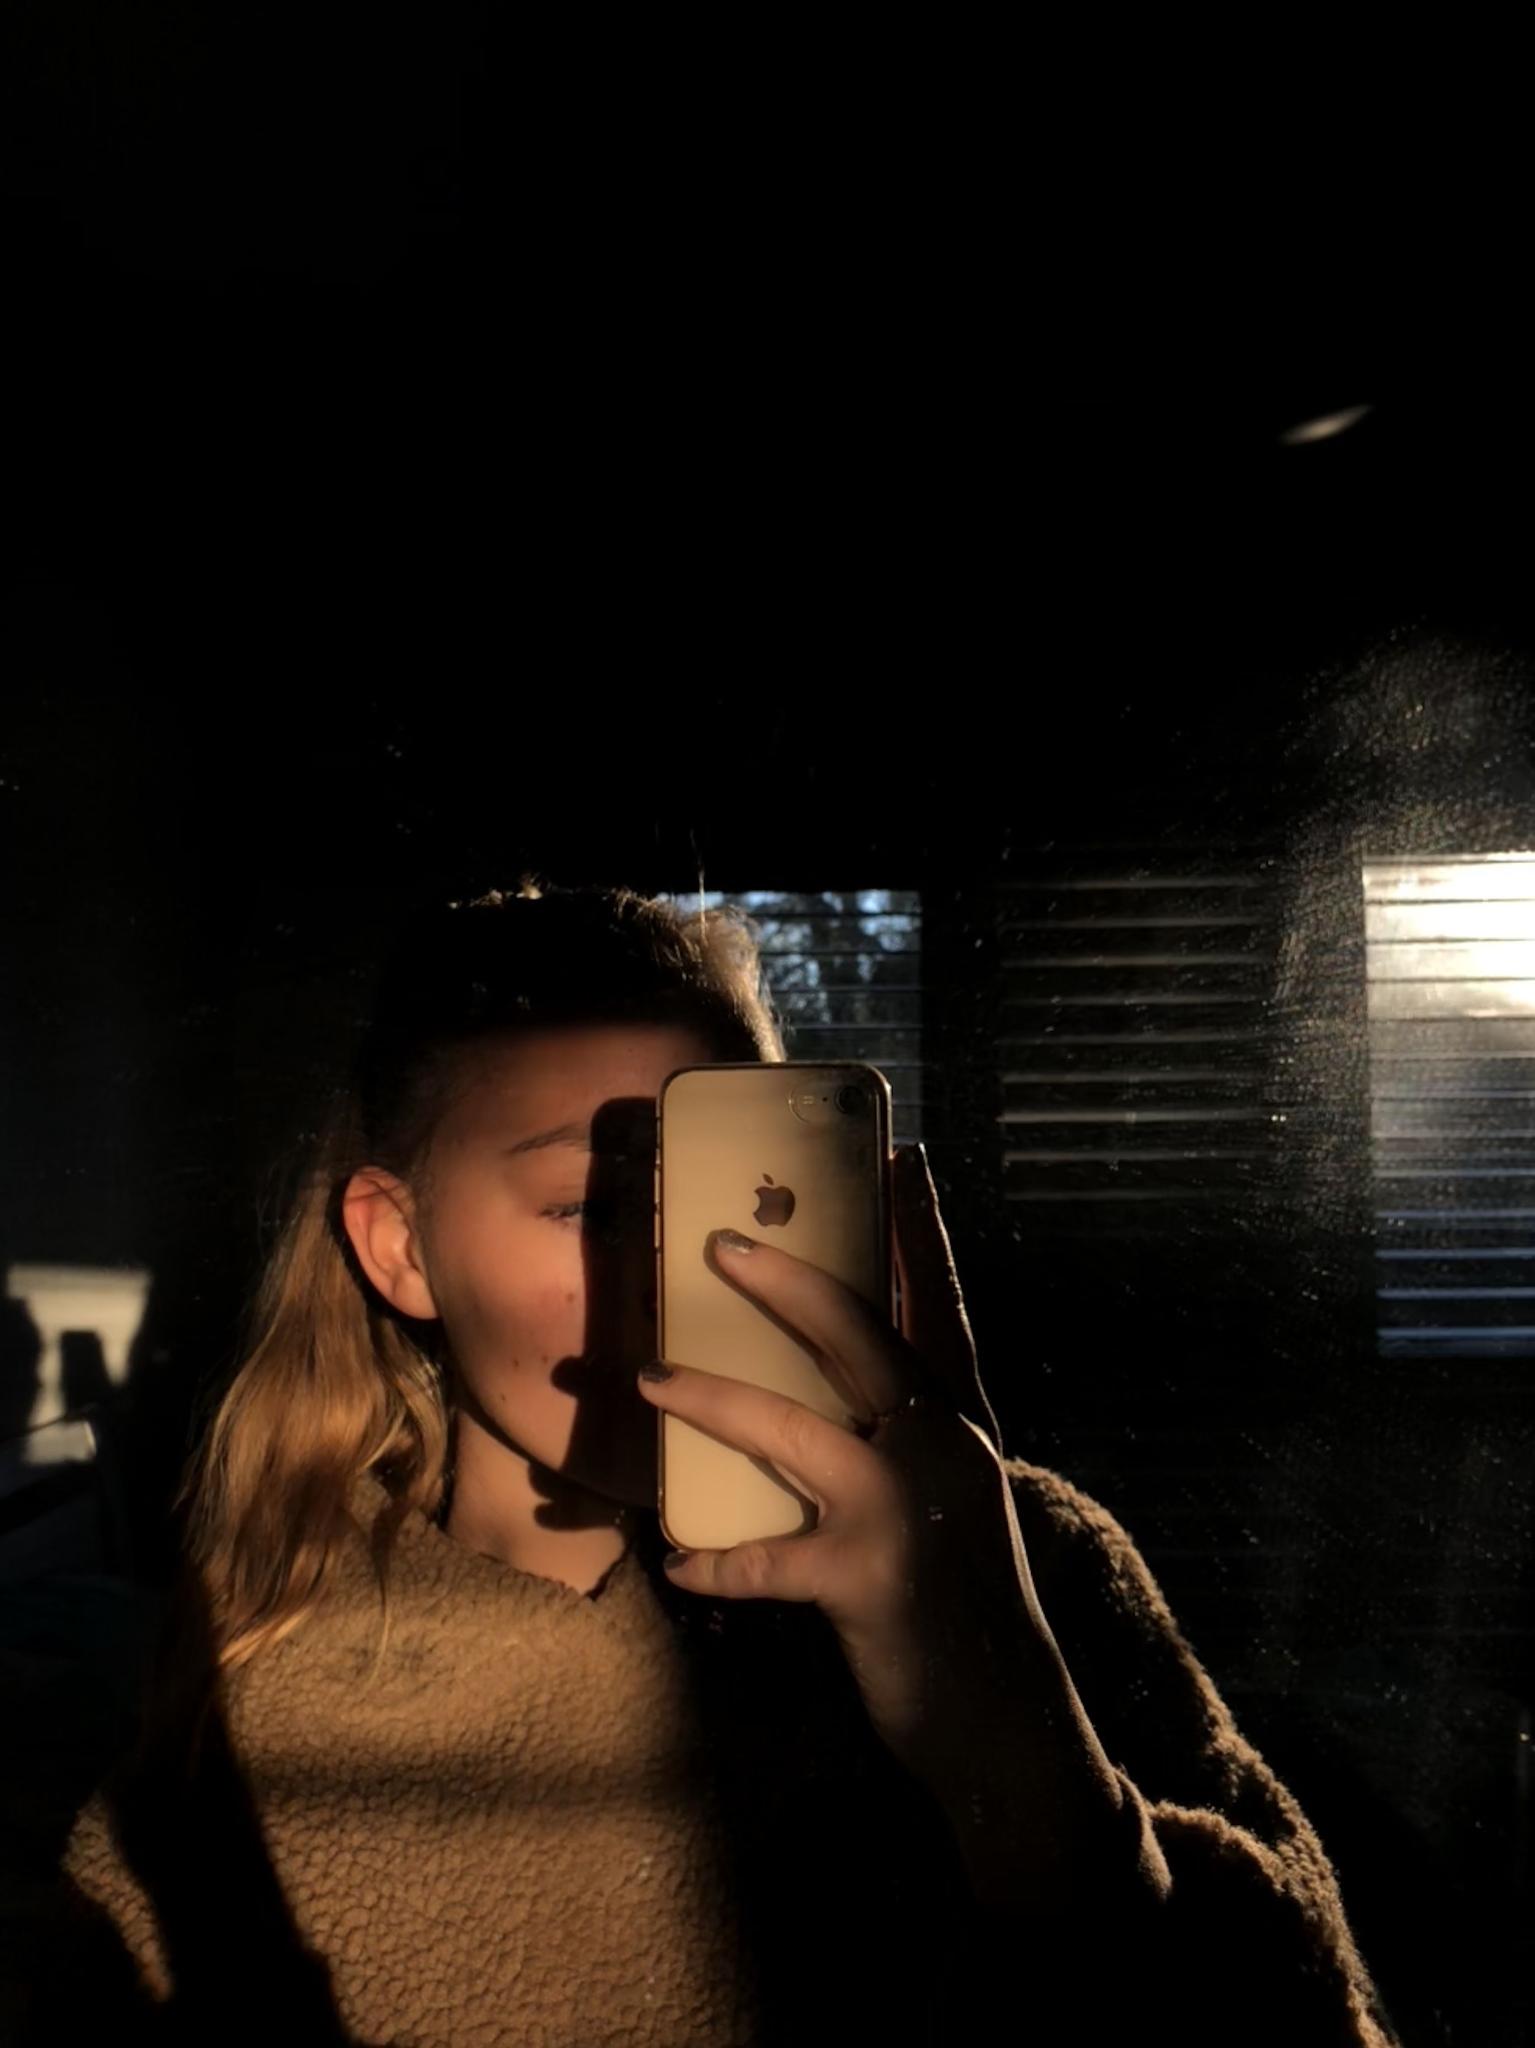 Bức ảnh selfie bị bóng tối cắt ngang sẽ kém hoàn hảo